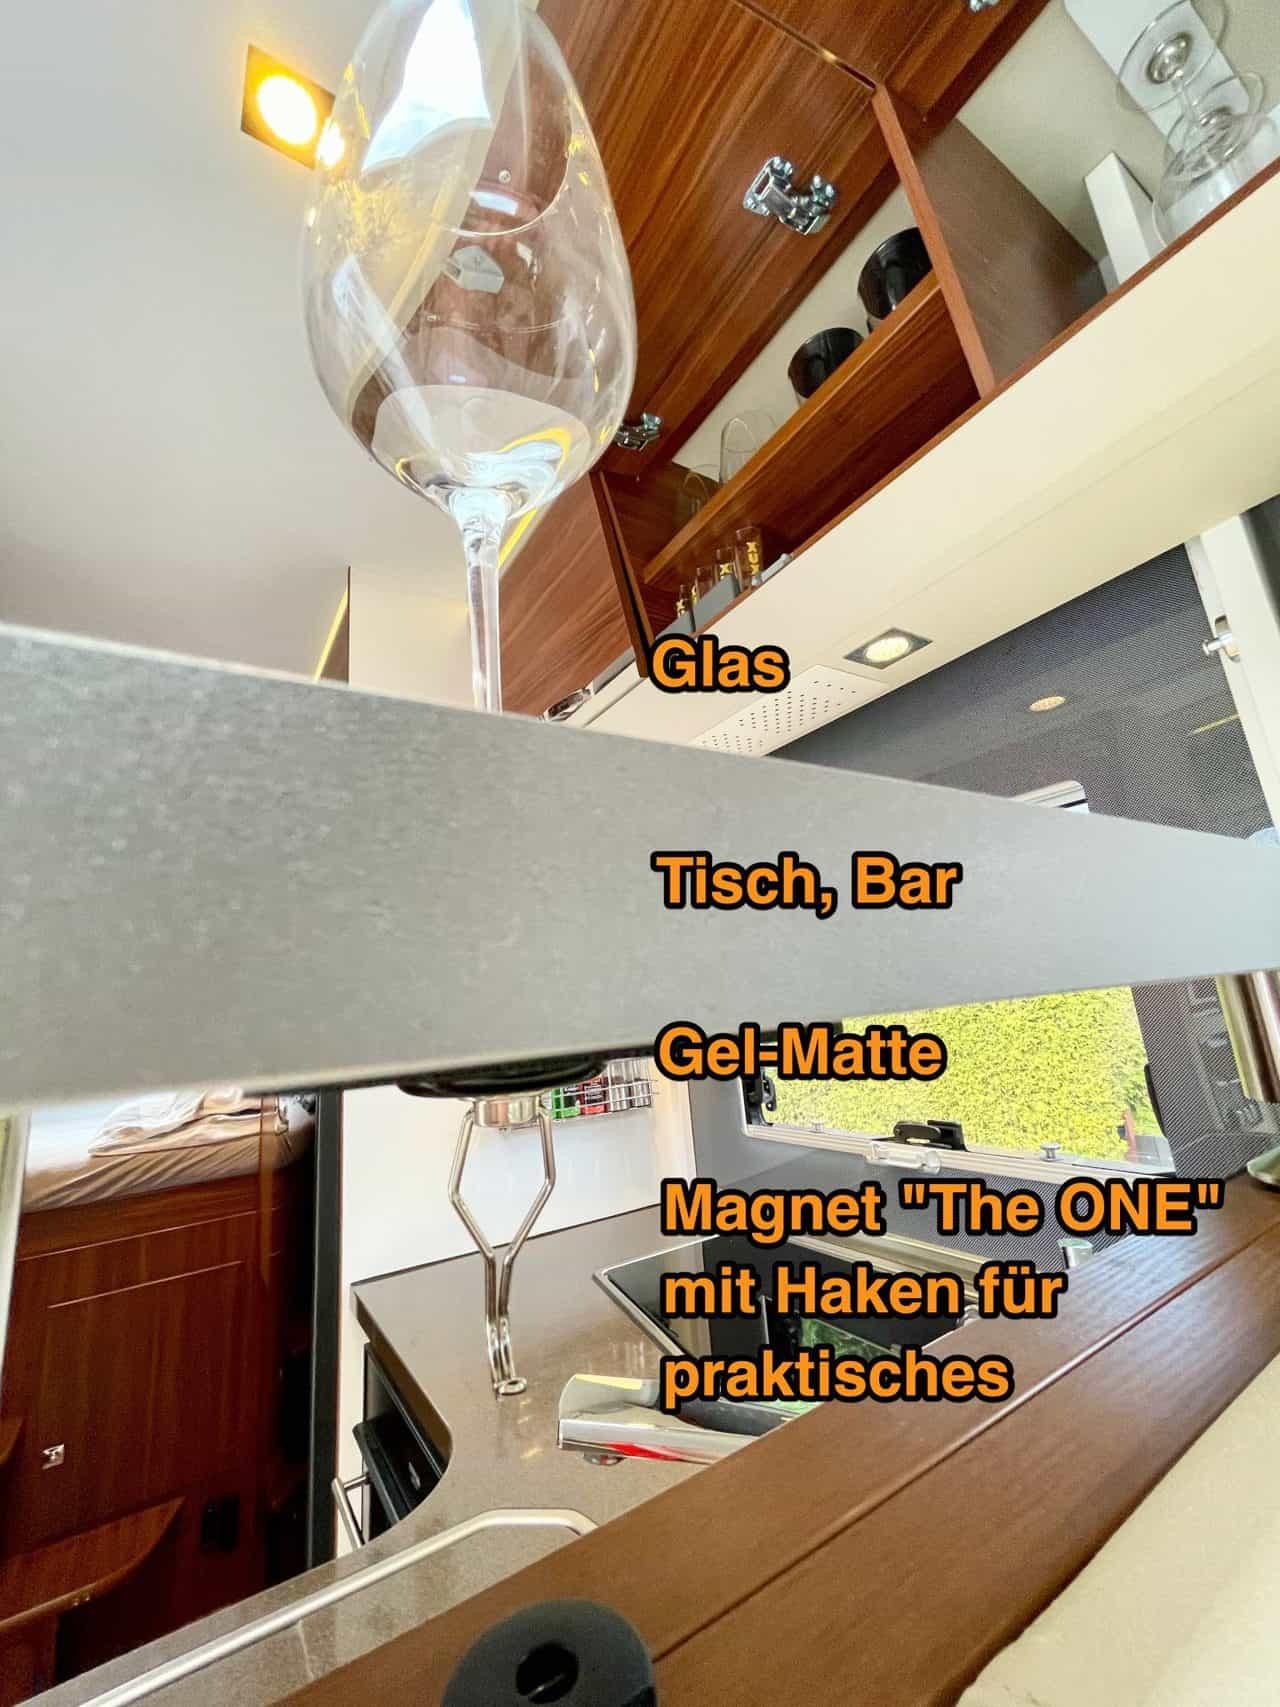 Silwy-Gel-Pad-Hack-mit-Weinglas-Der-Trick-mit-dem-Pad-unten-beschriftet